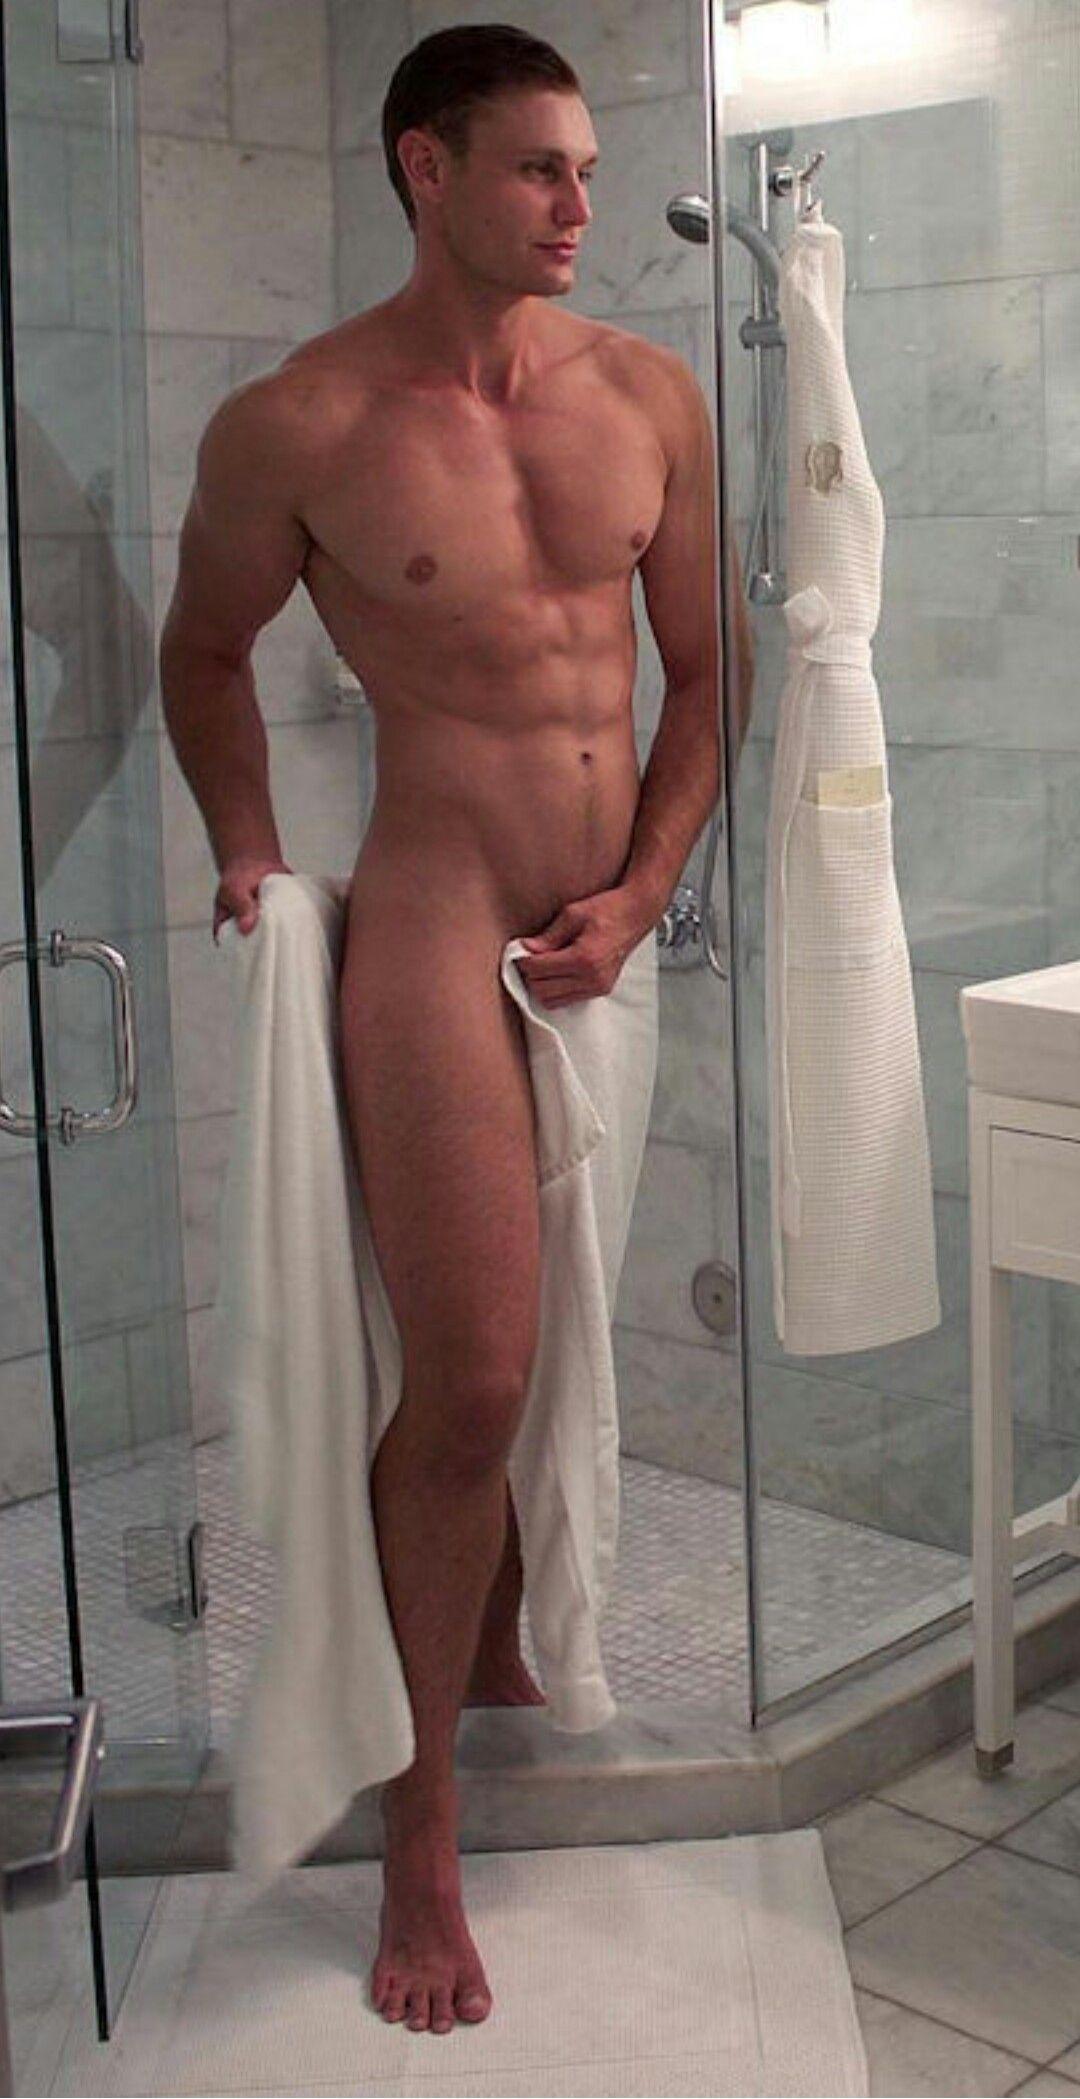 Pin De Cesar Antonio Cornejo En Desnudo Chicas Desnudo Y Duchas